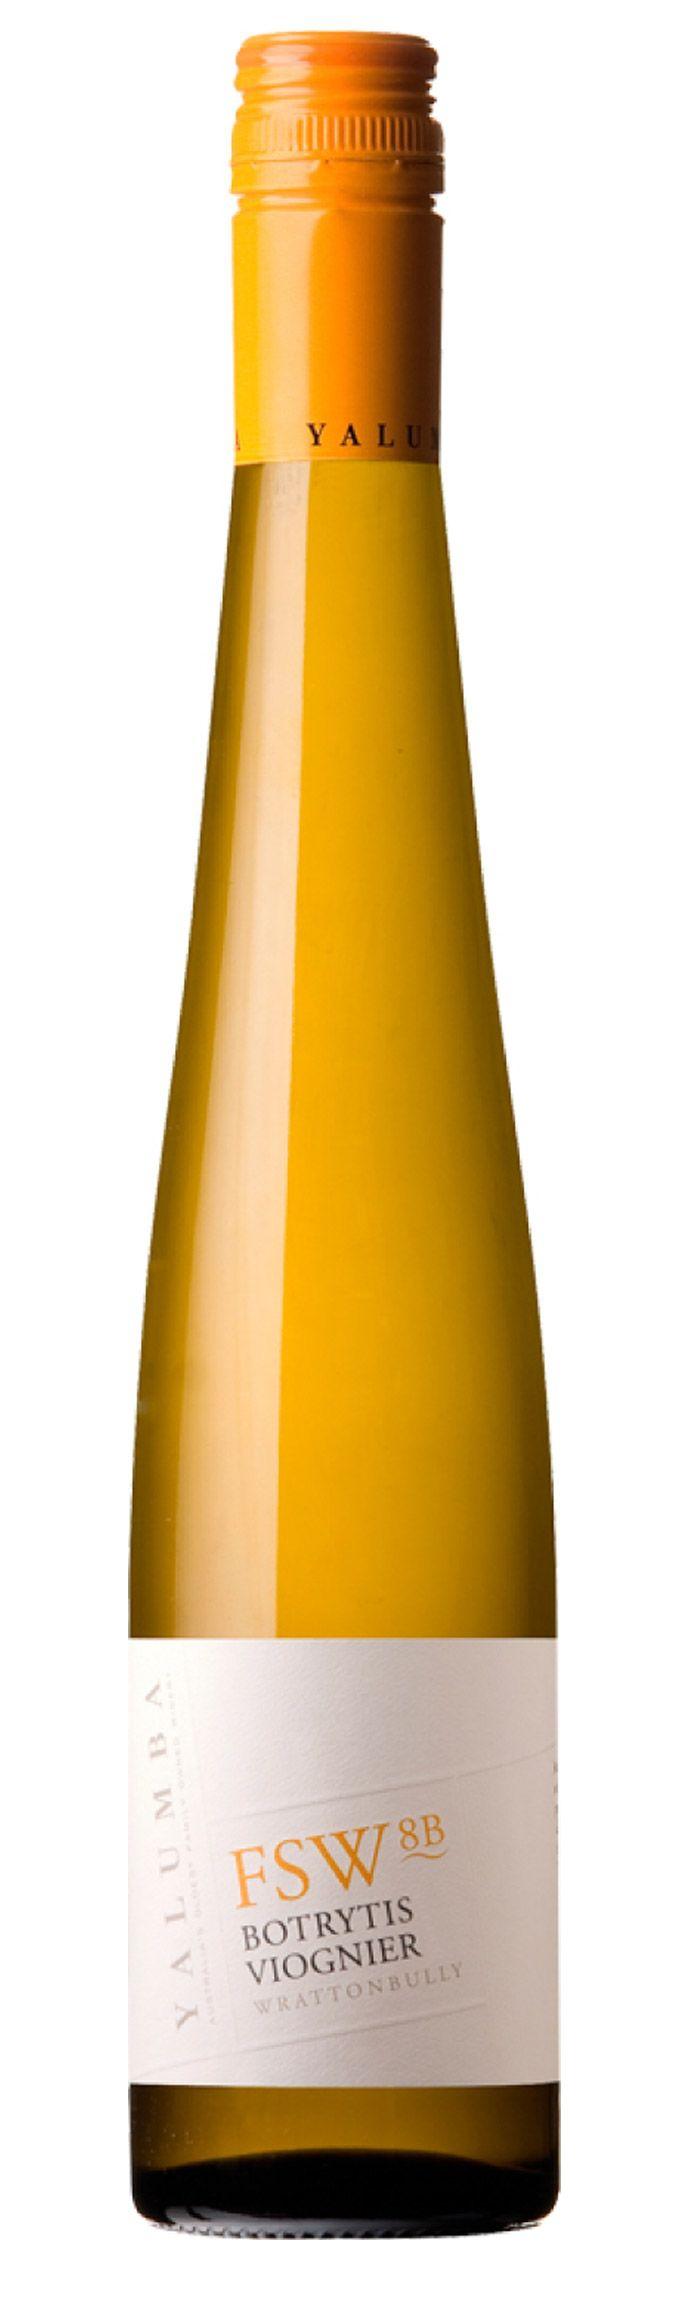 Yalumba Late Harvest - Rượu vang Úc nhập khẩu